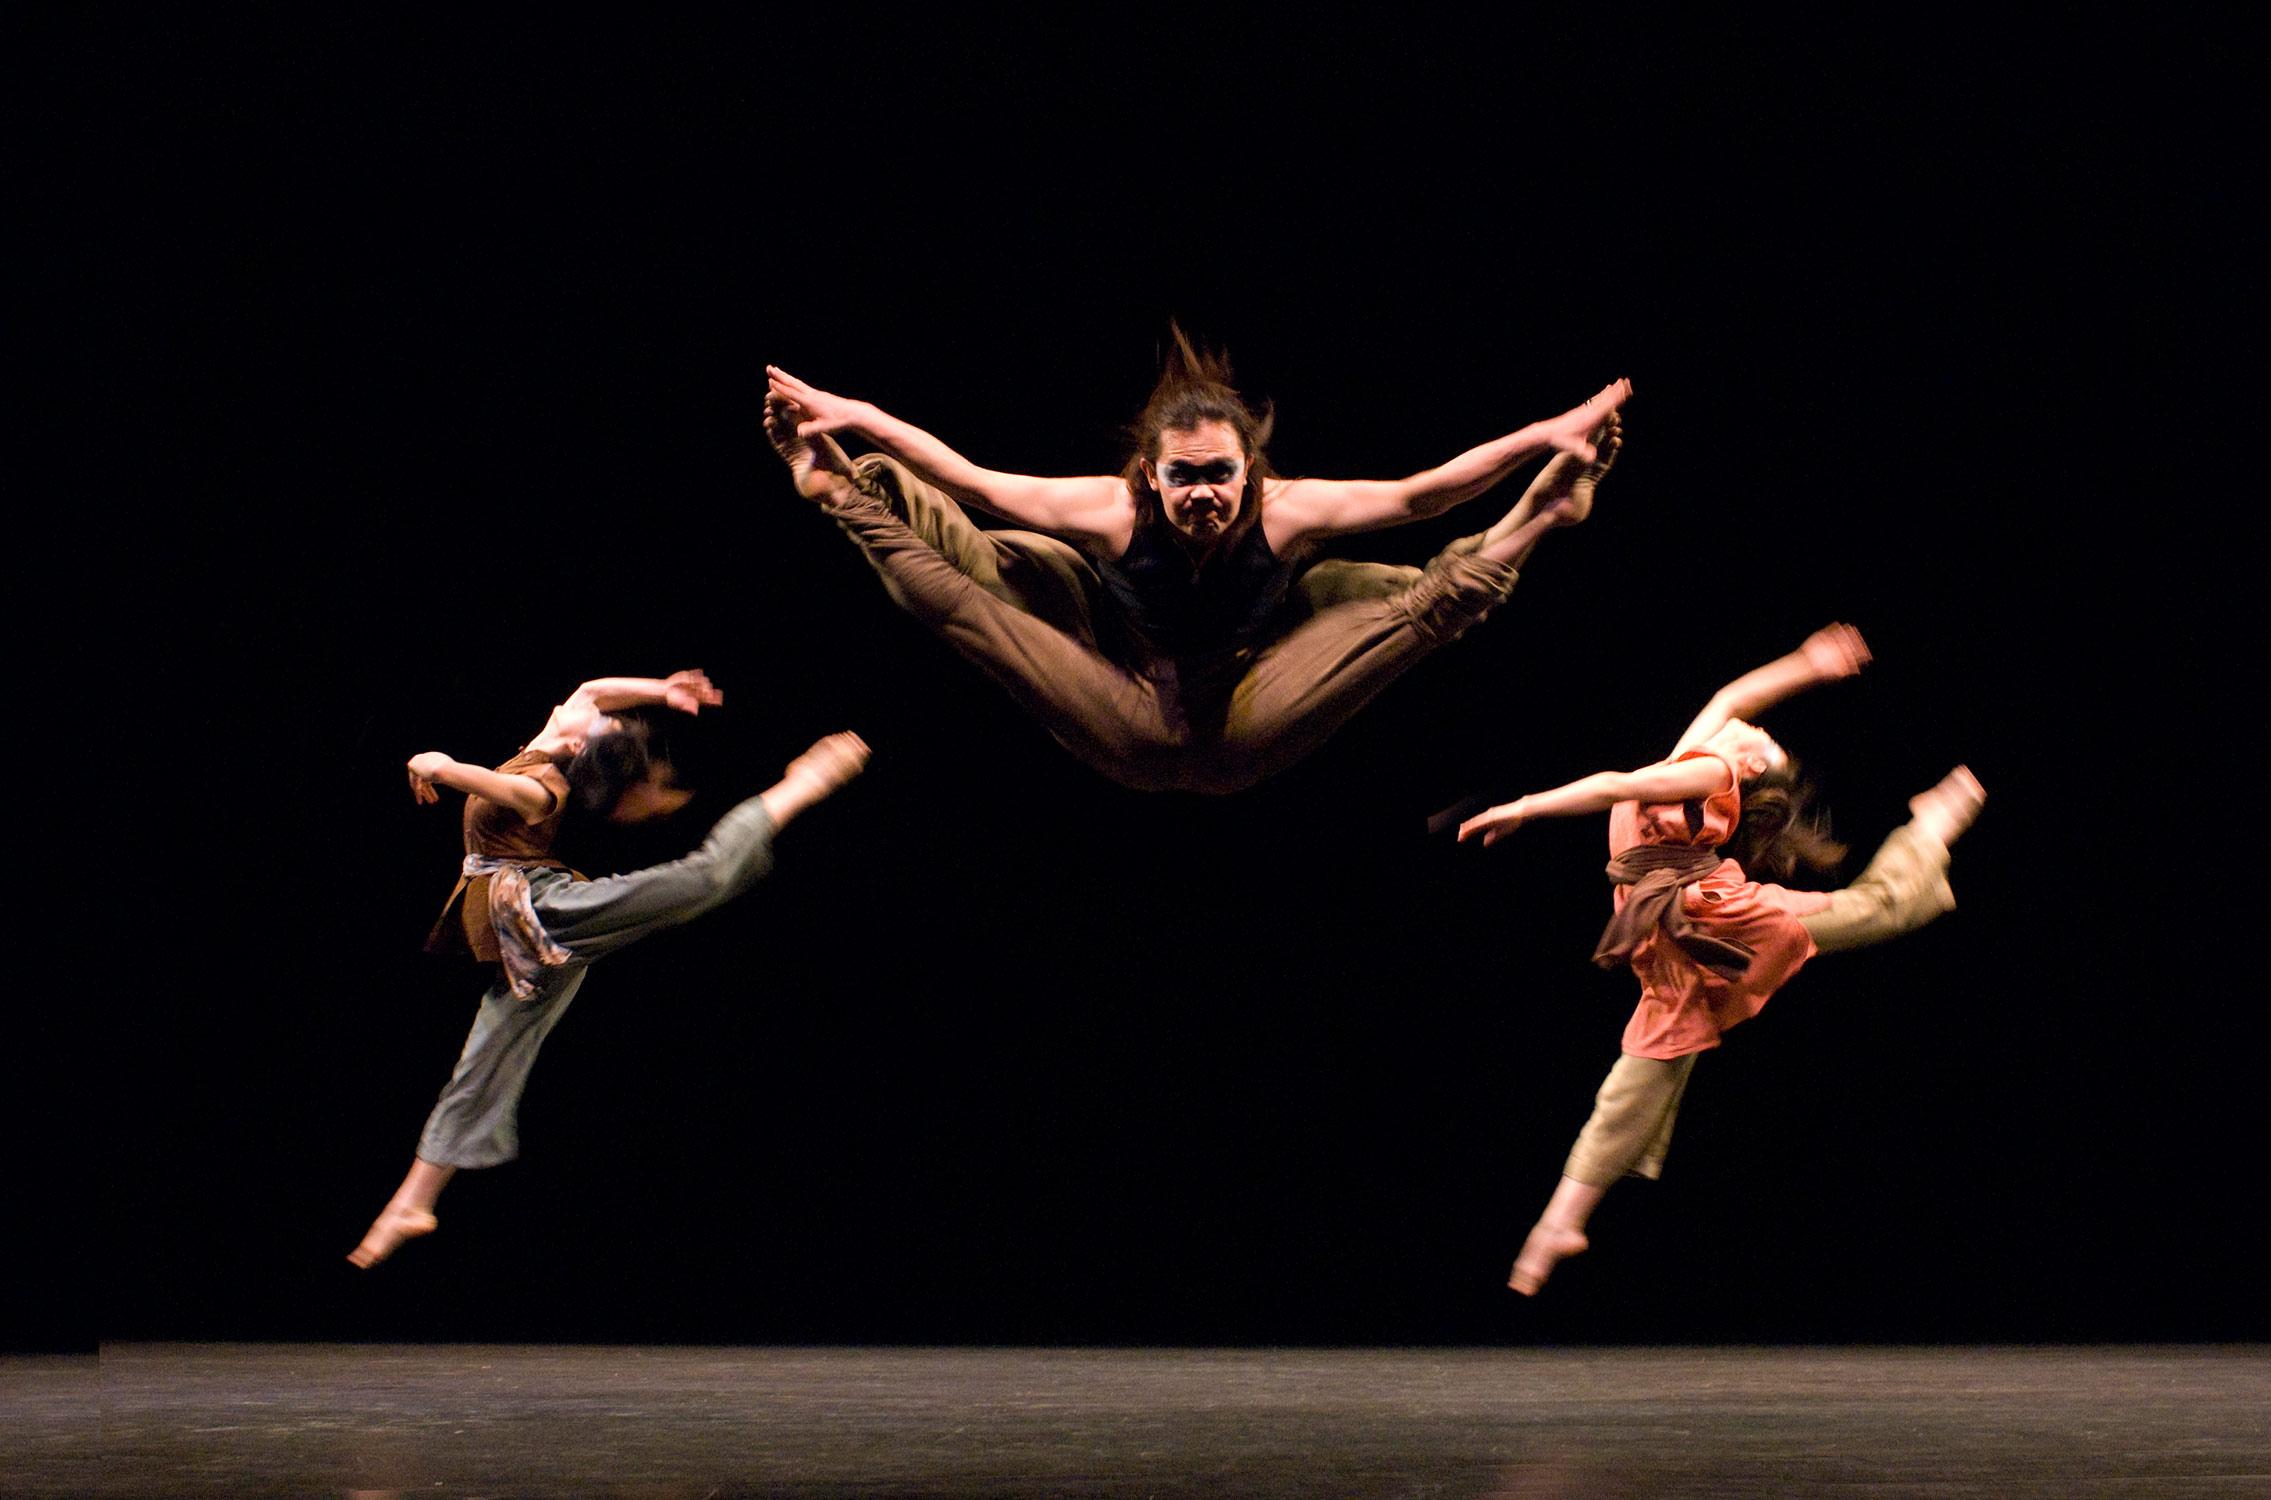 Contemporary dance music wallpaper 2271x1500 117936 WallpaperUP 2271x1500